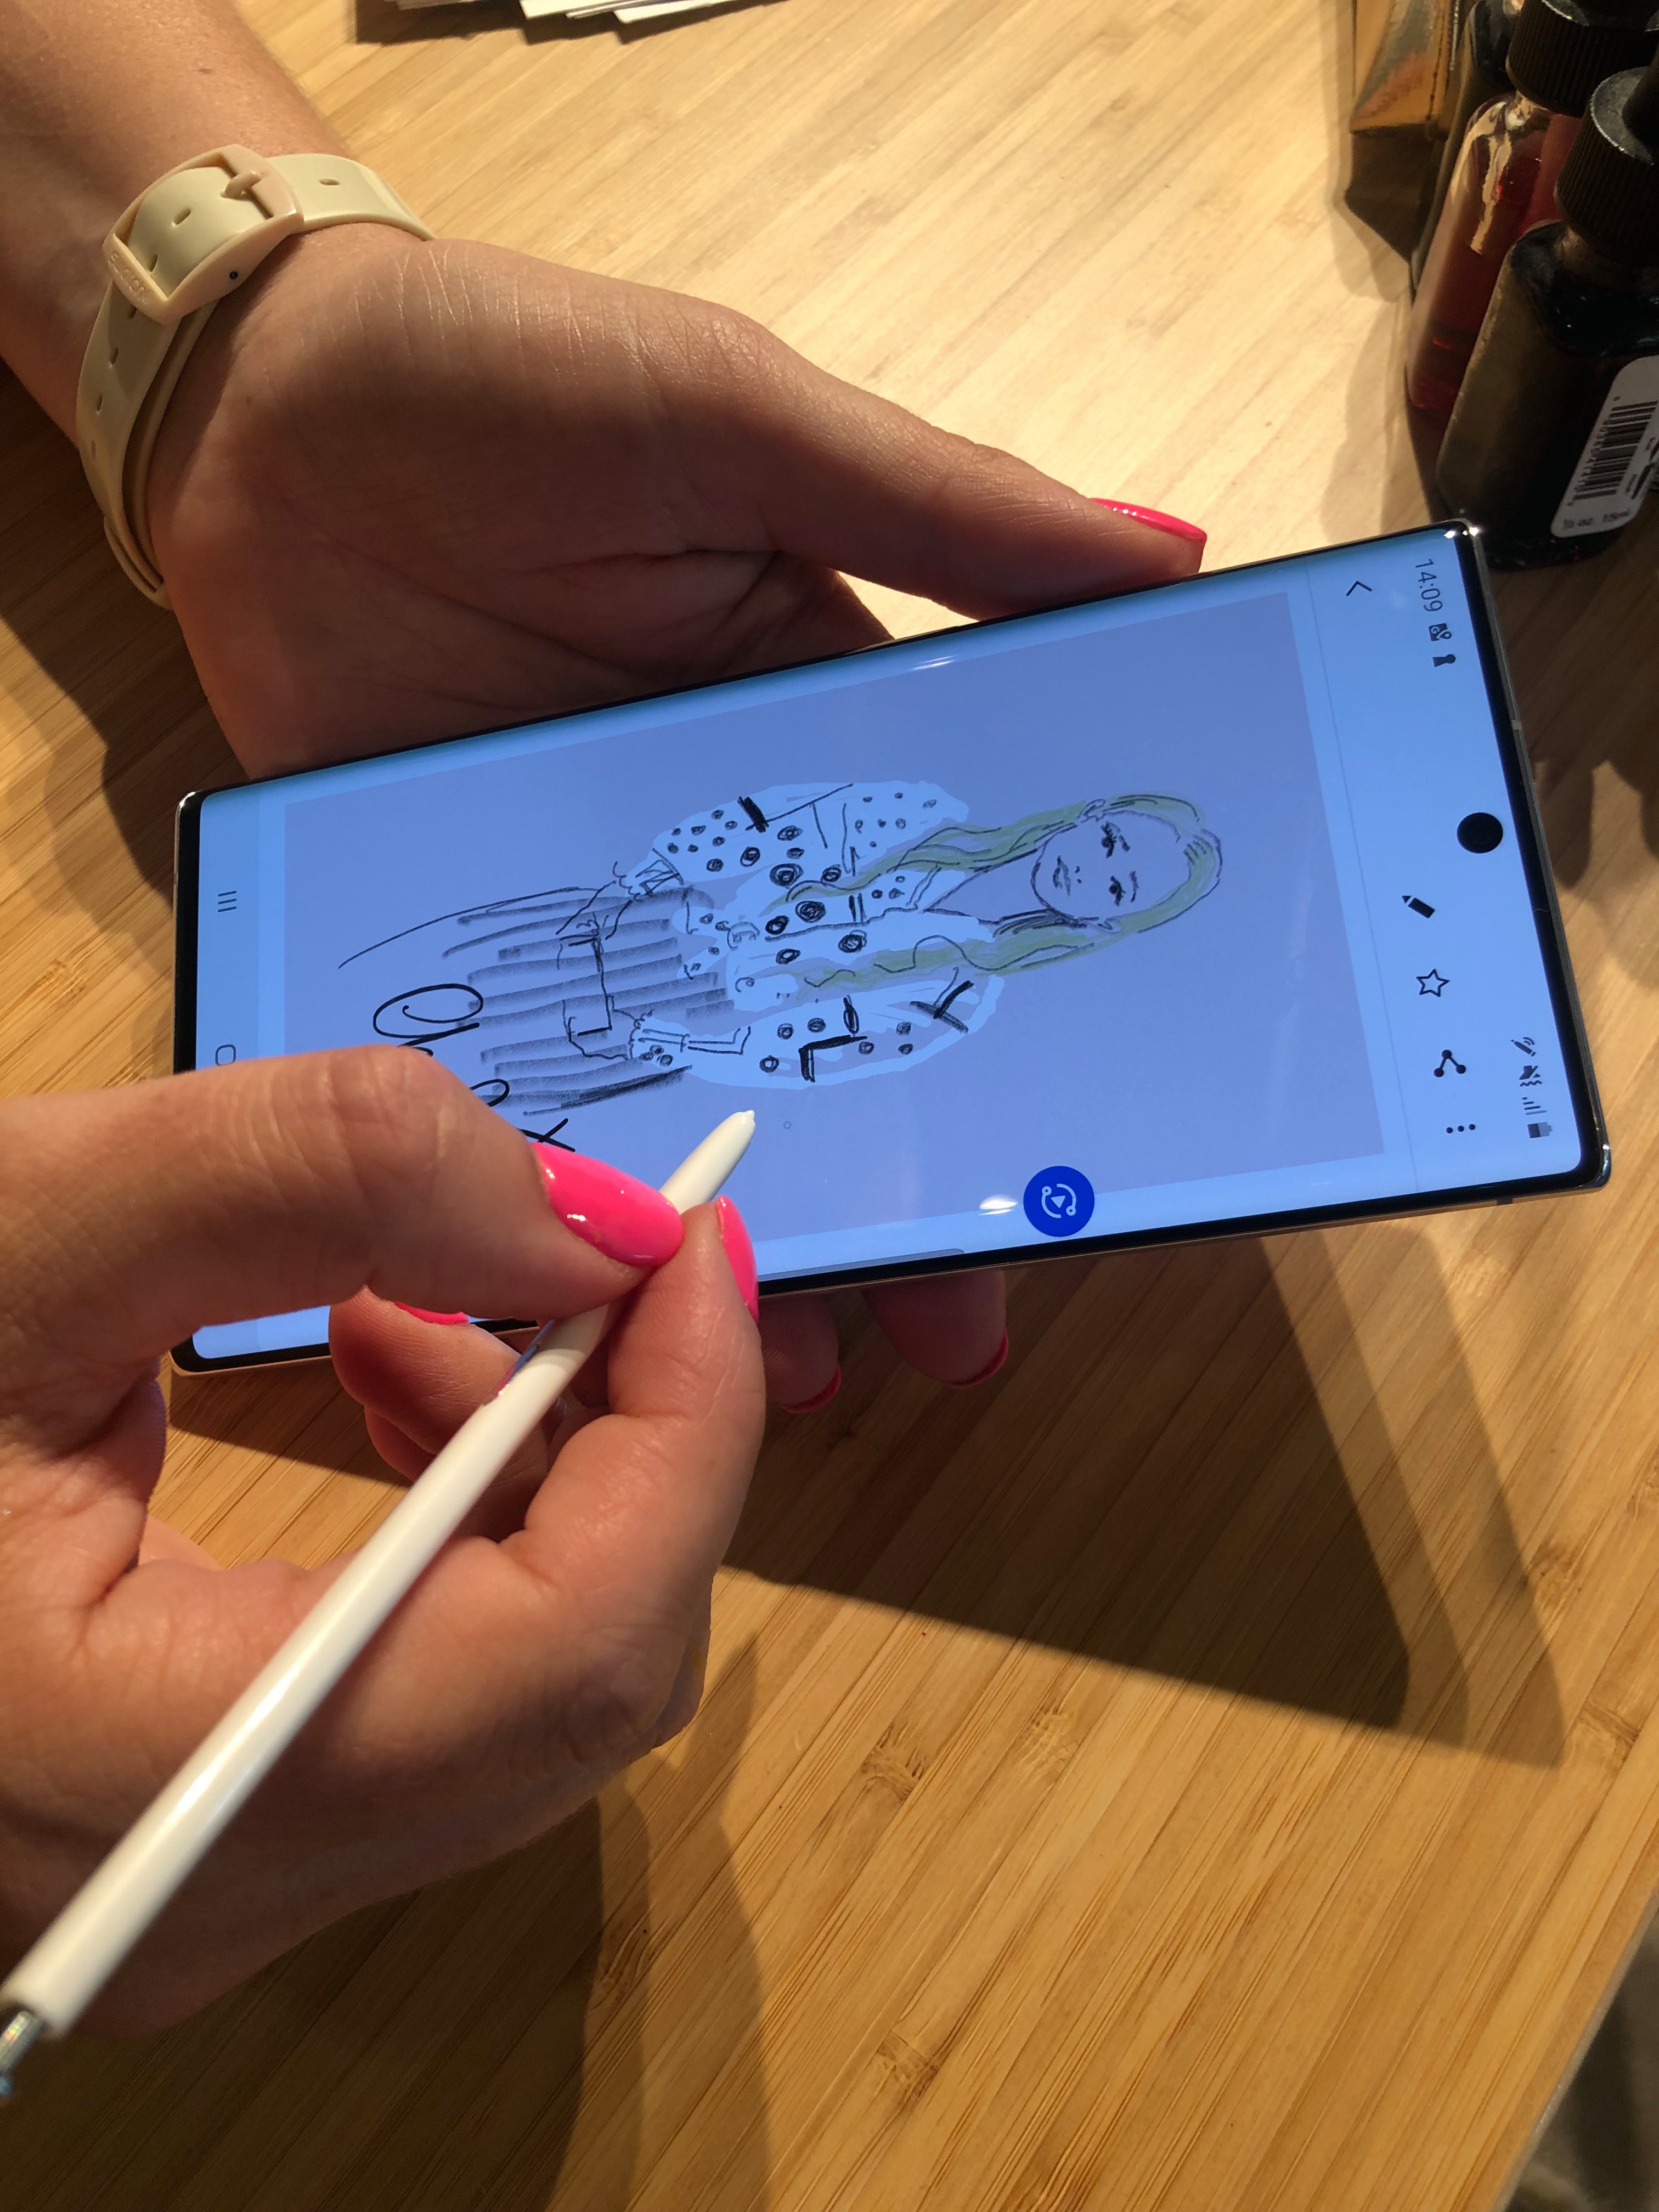 يمكن استخدام القلم للرسم المعقد